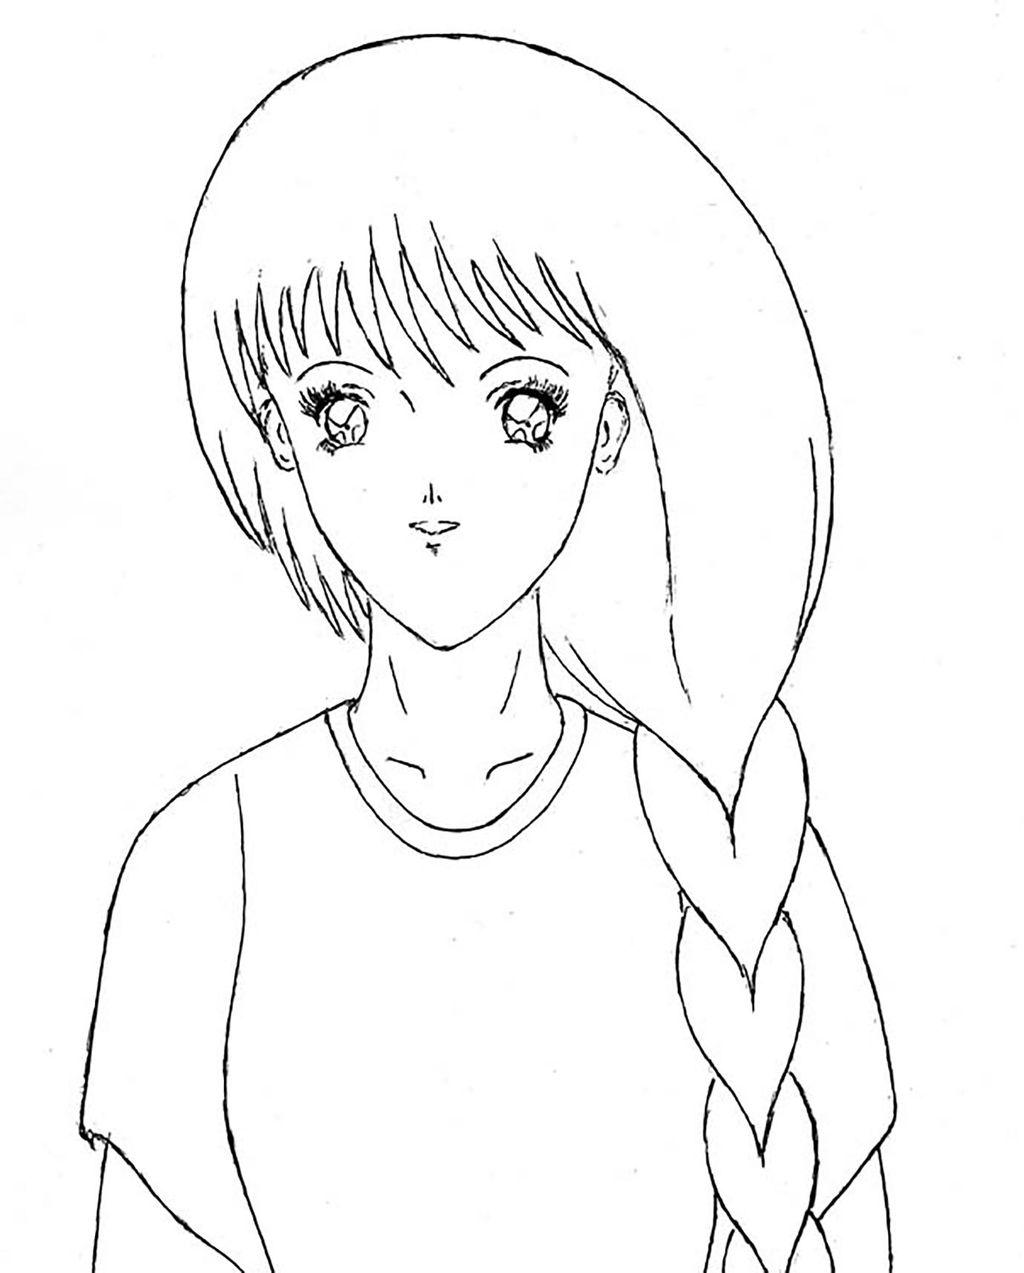 親に殺害されたドラクエ10プレイヤーの熊澤英一郎さん直筆イラスト発見される/プロ級の腕前 #話題